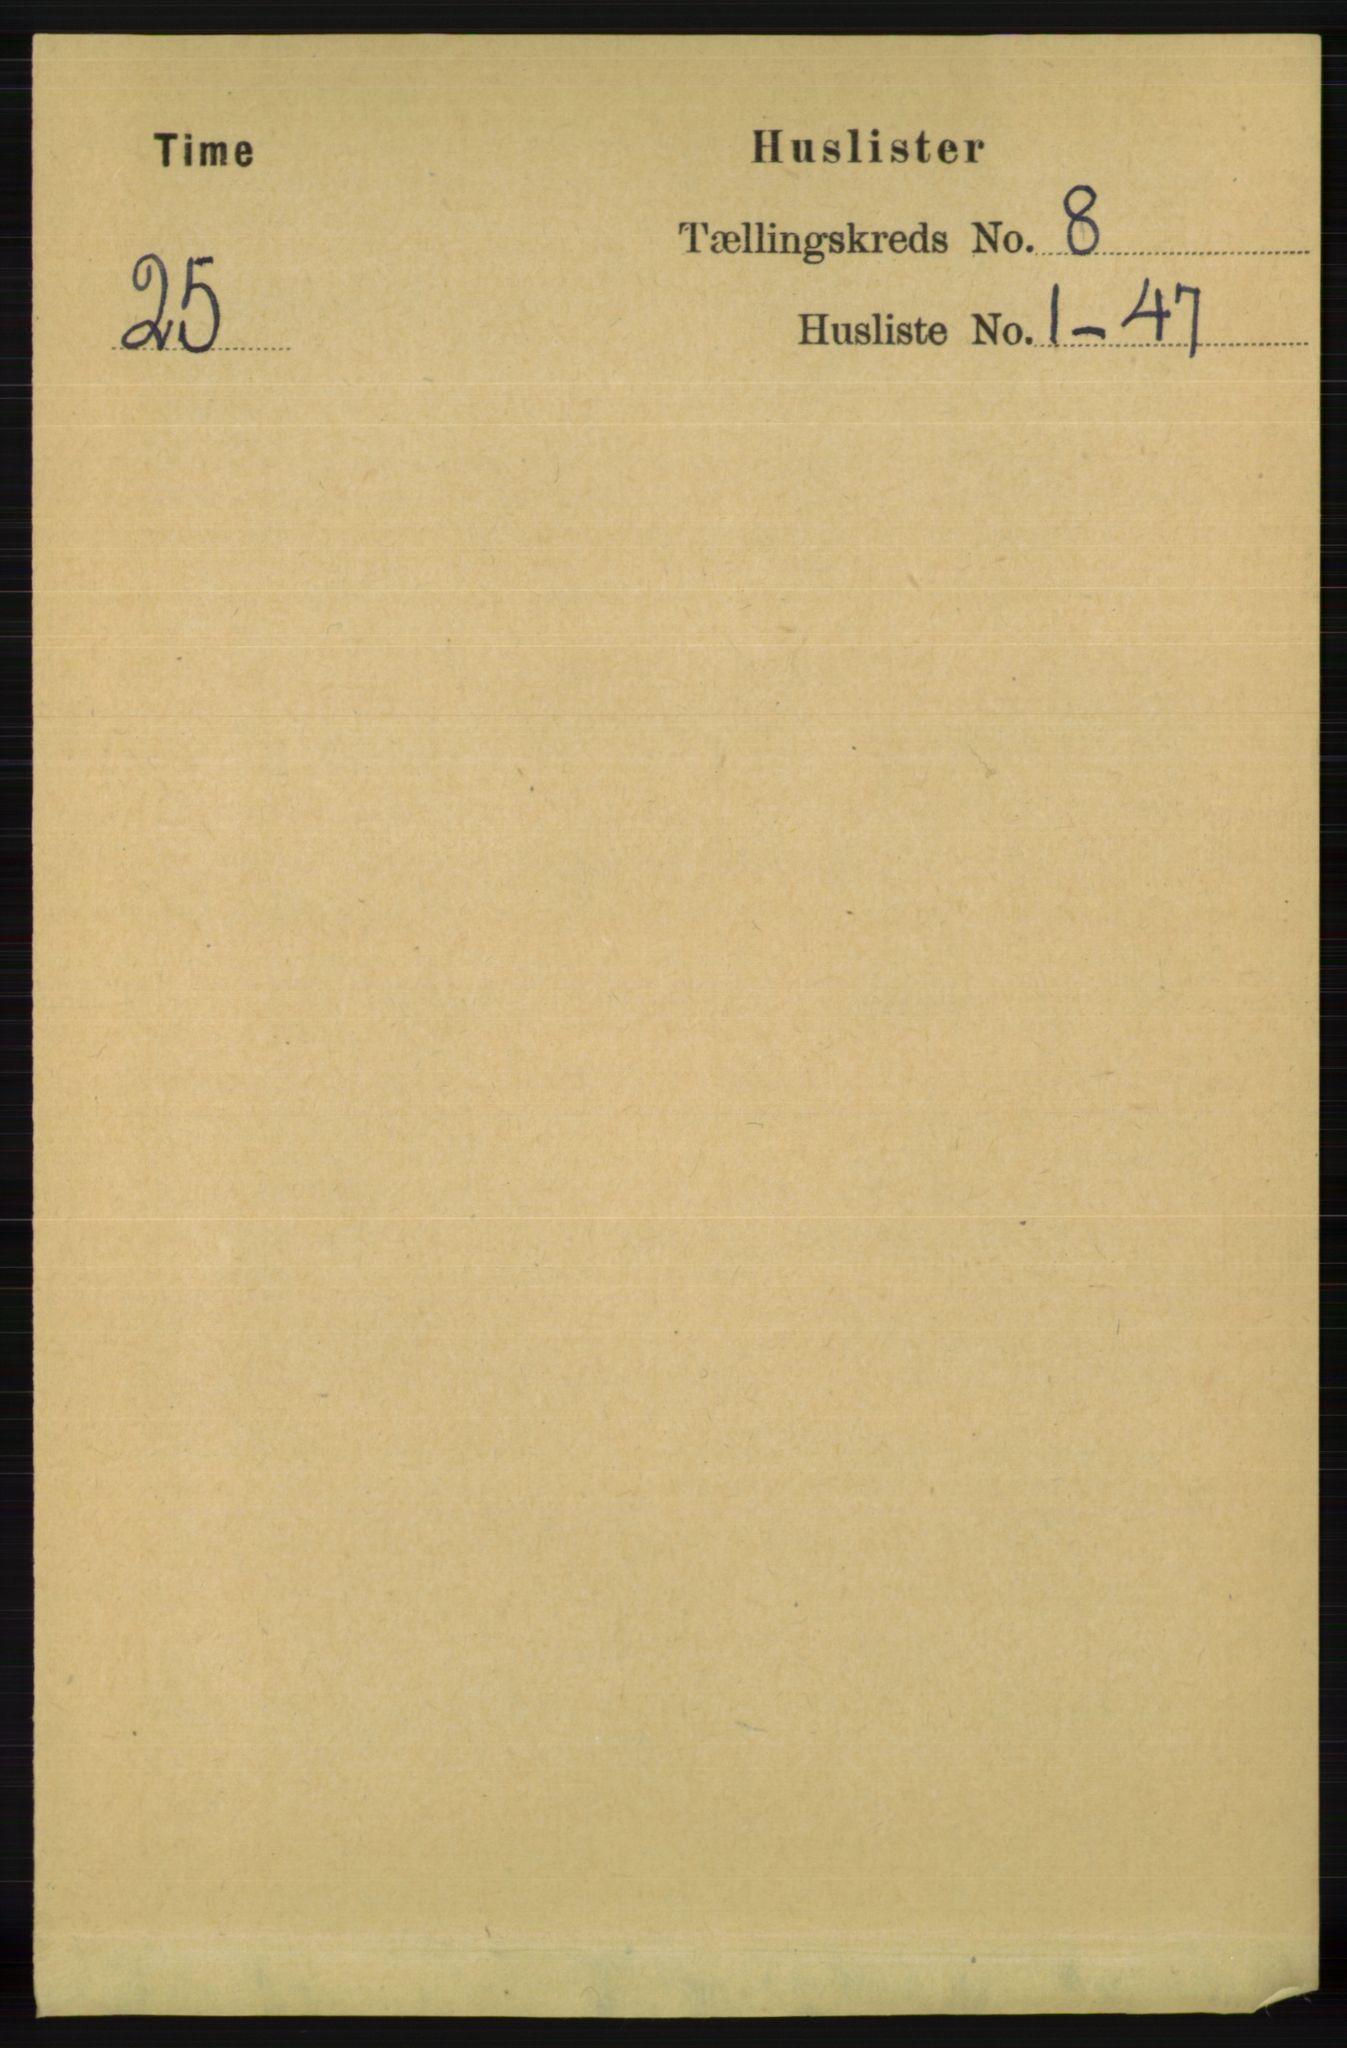 RA, Folketelling 1891 for 1121 Time herred, 1891, s. 2919